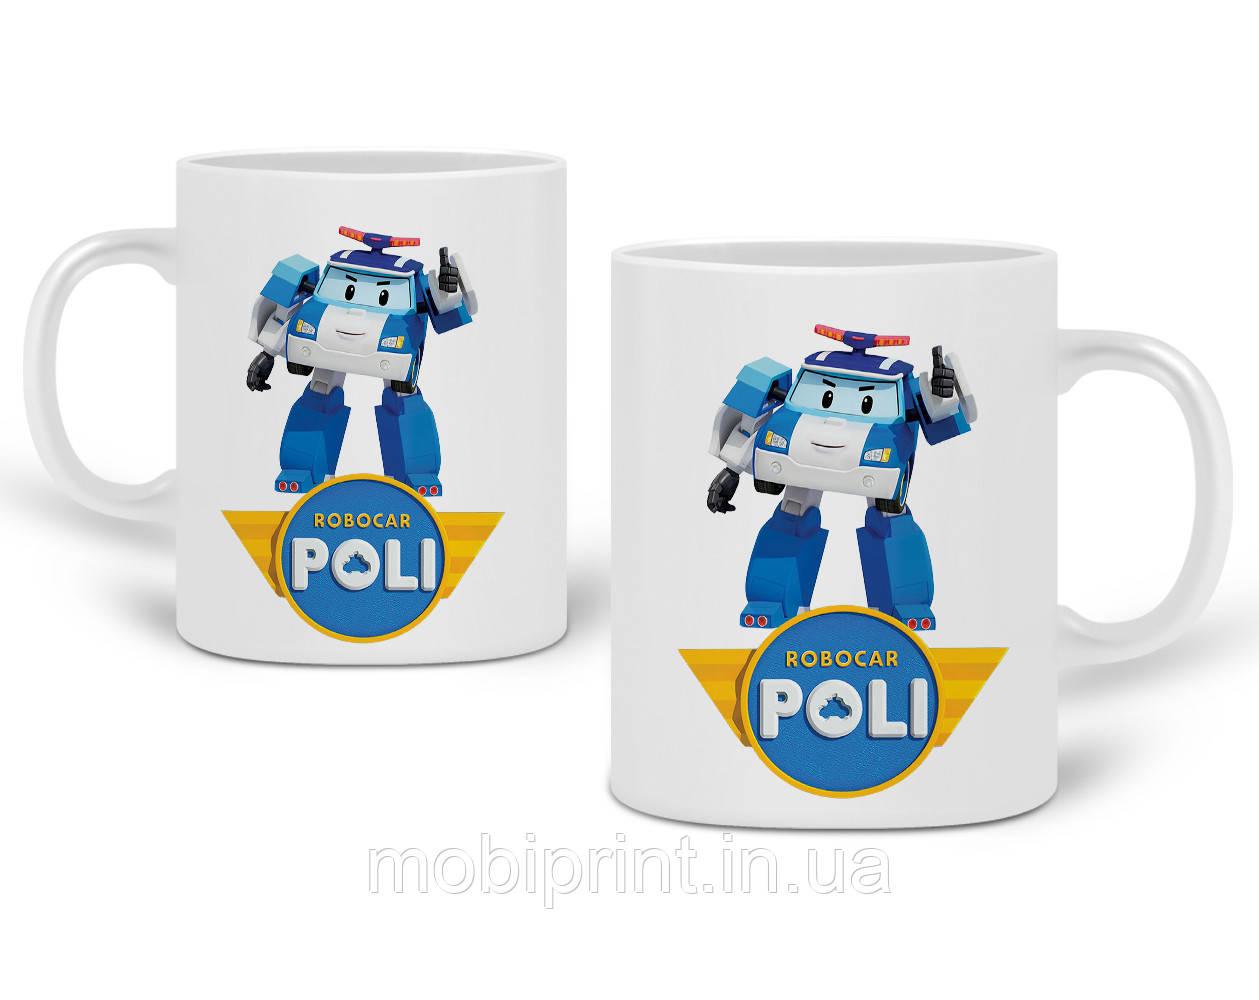 Кружка Робокар Поли (Robocar Poli) 330 мл Чашка Керамическая (20259-1620)